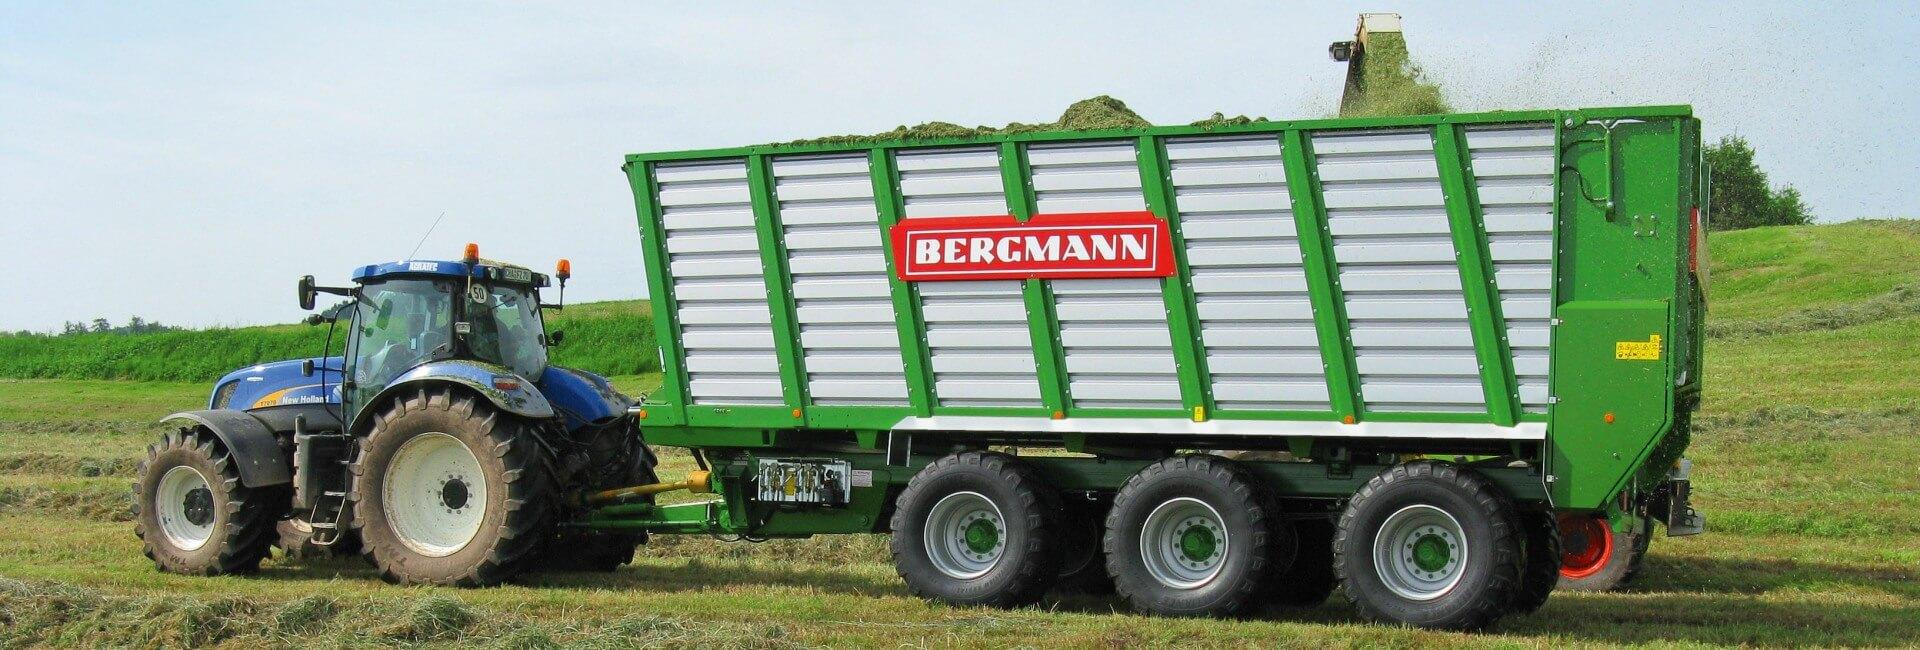 Bergmann HTW silage trailer grass harvest silage